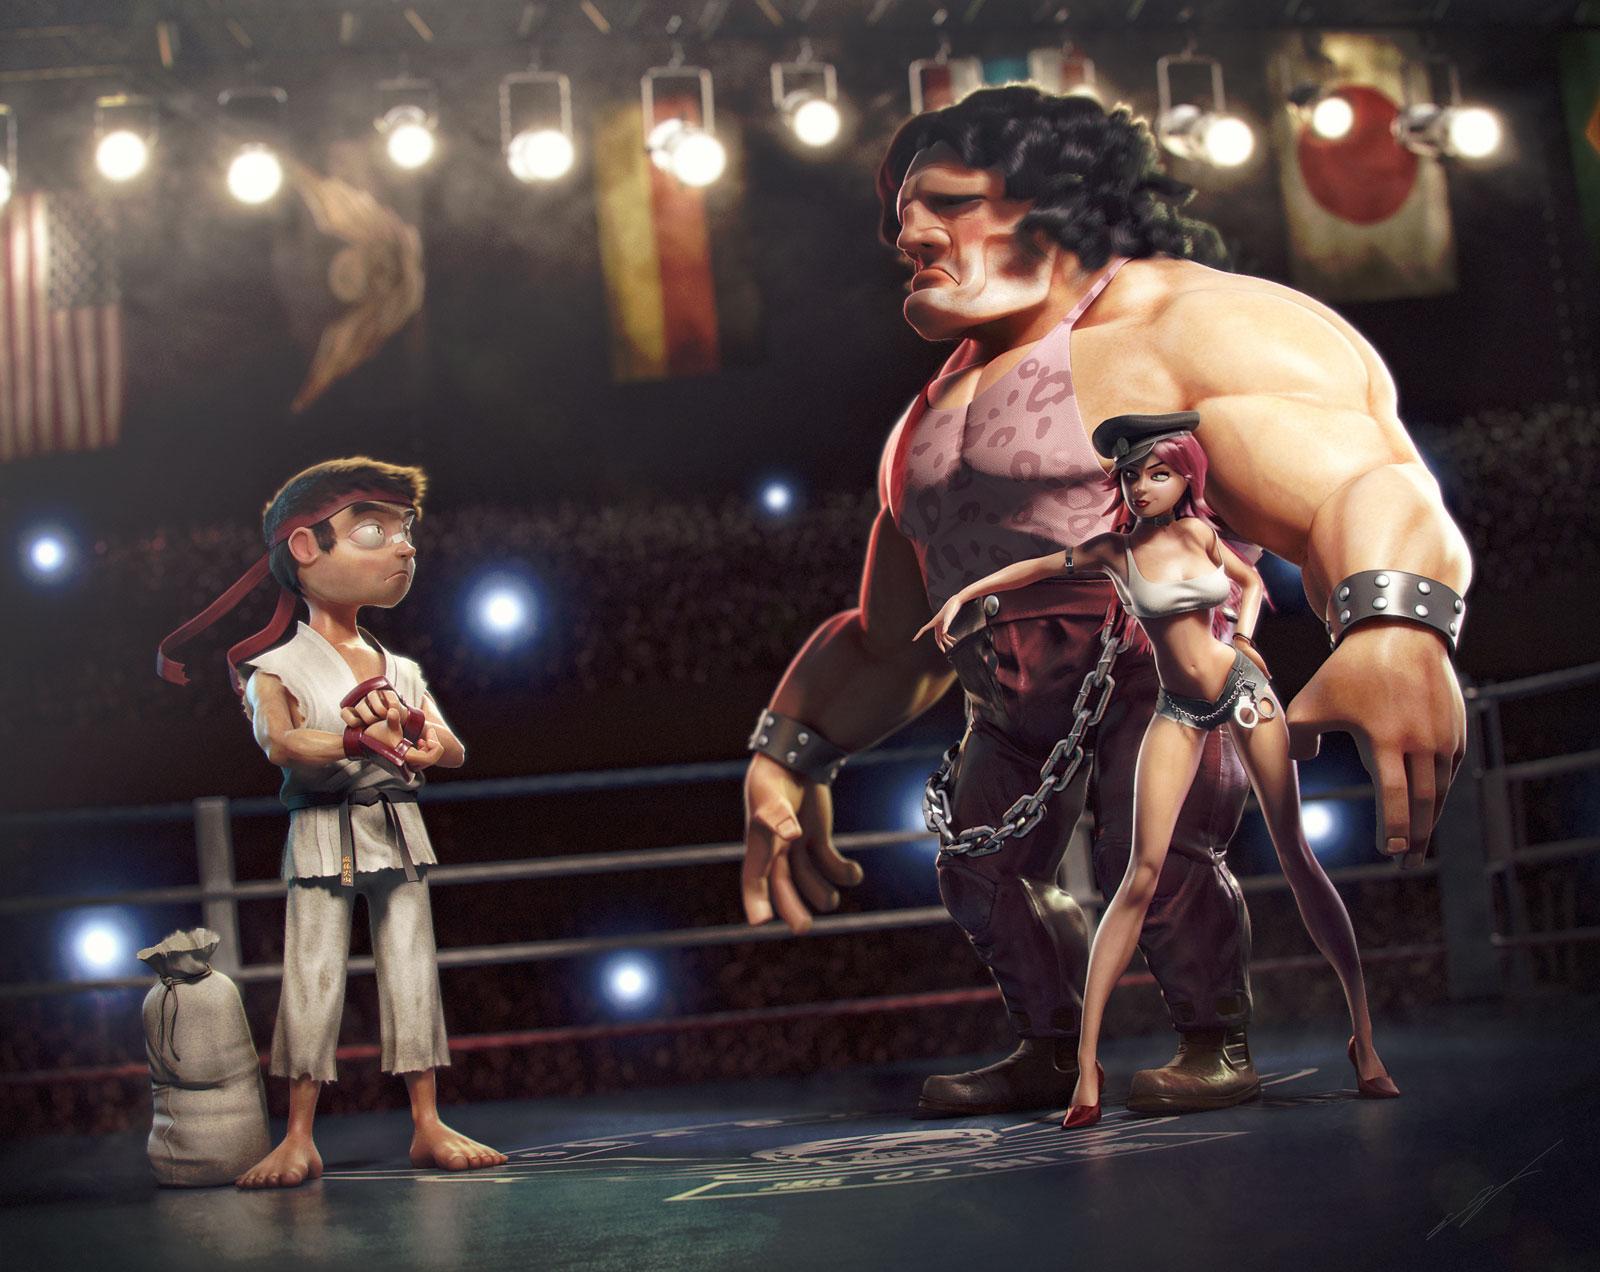 Street Fighter 3 Third Strike fan art, image #1